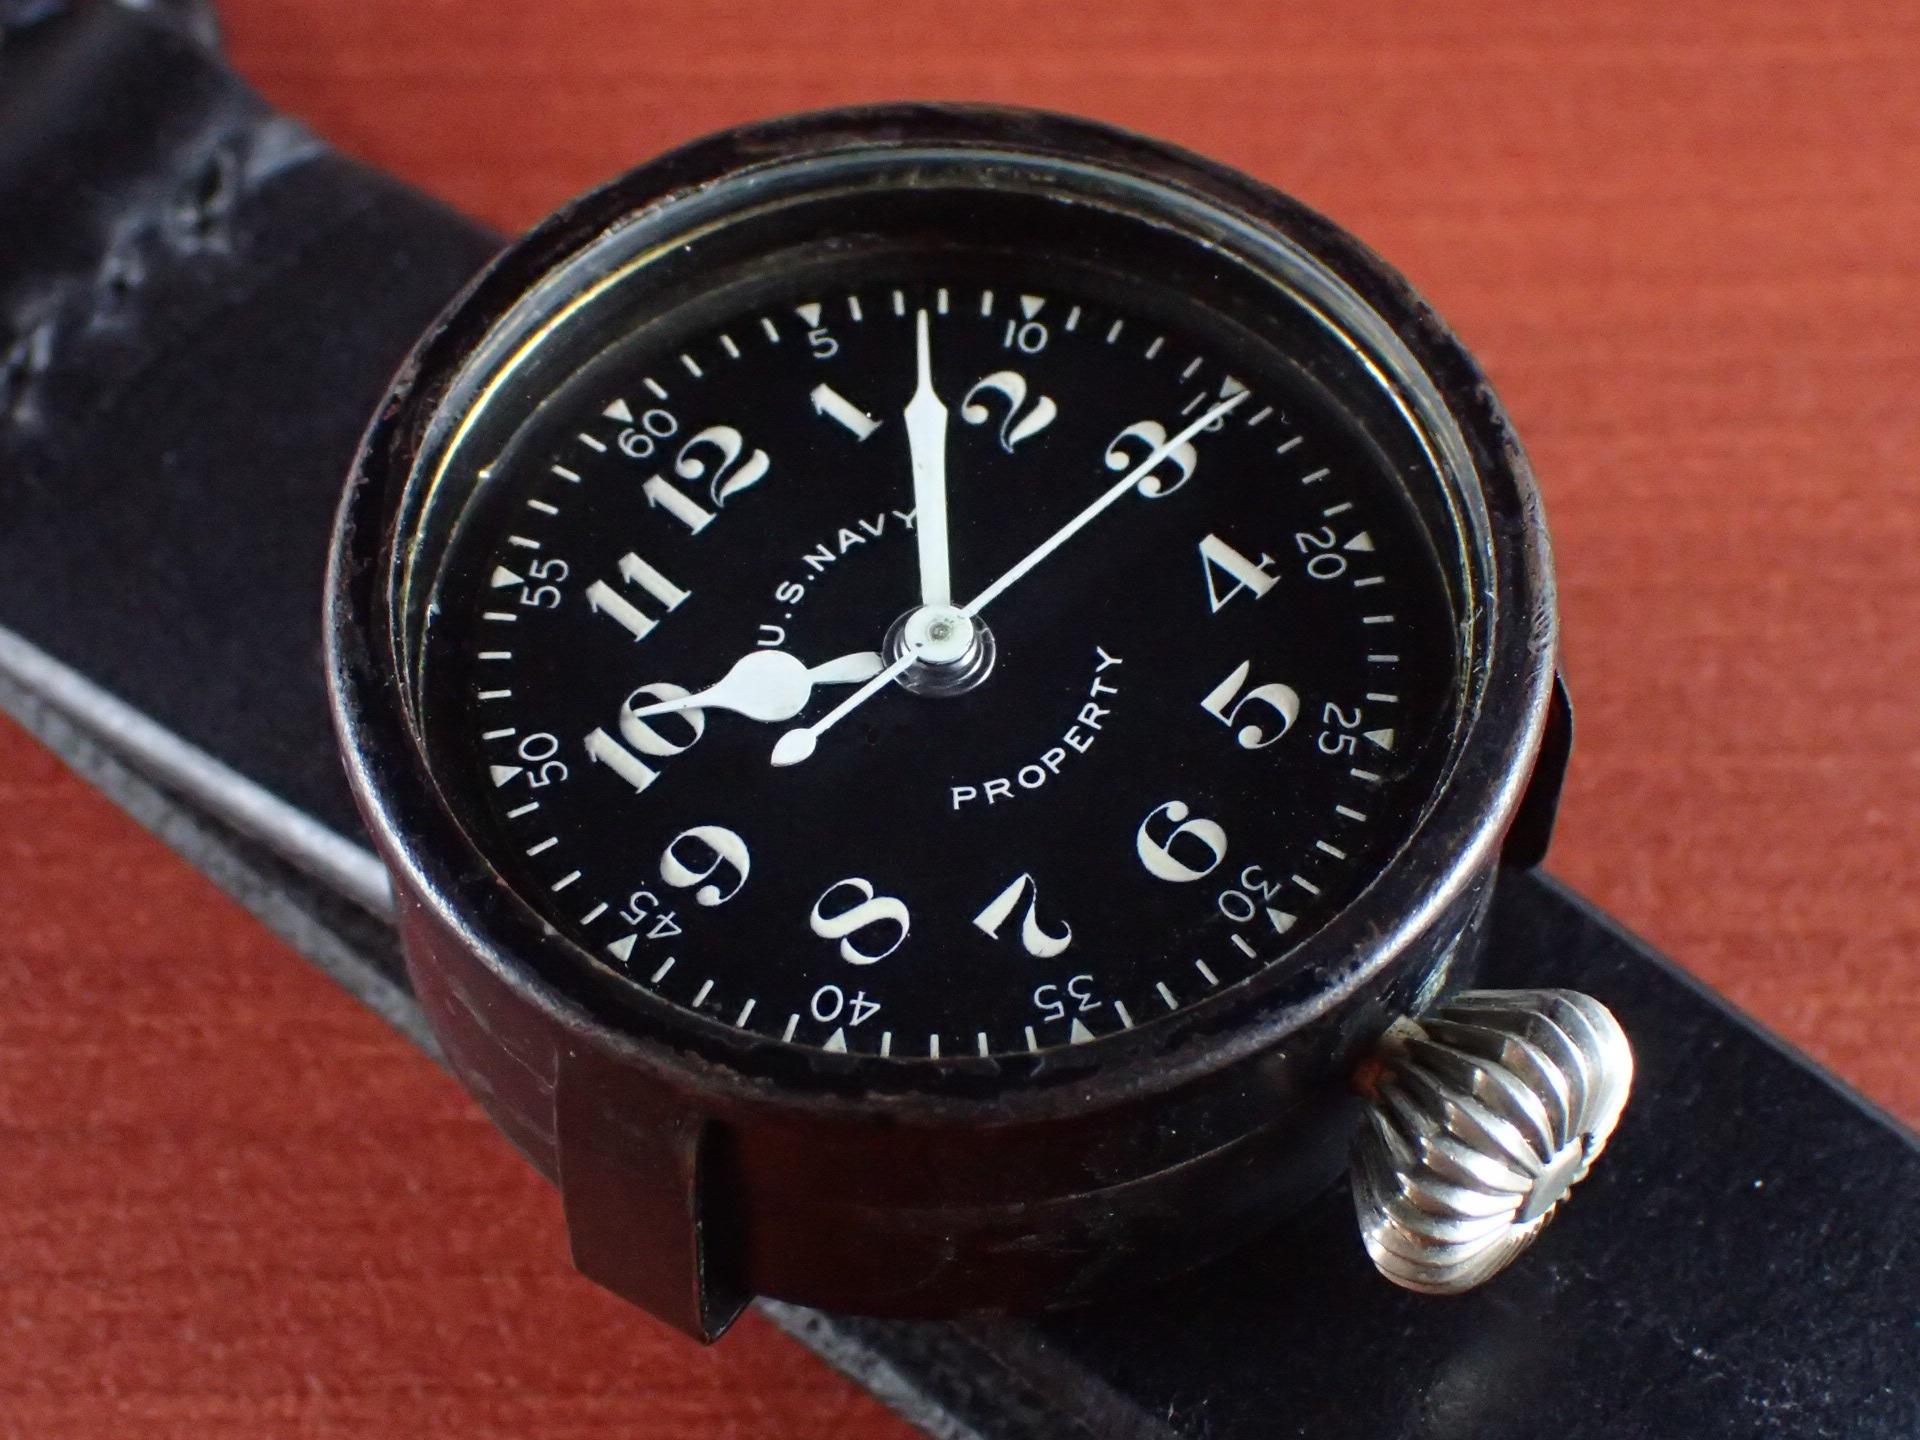 エルジン 米海軍 偵察カメラ用時計 第二次世界大戦 1940年代のメイン写真